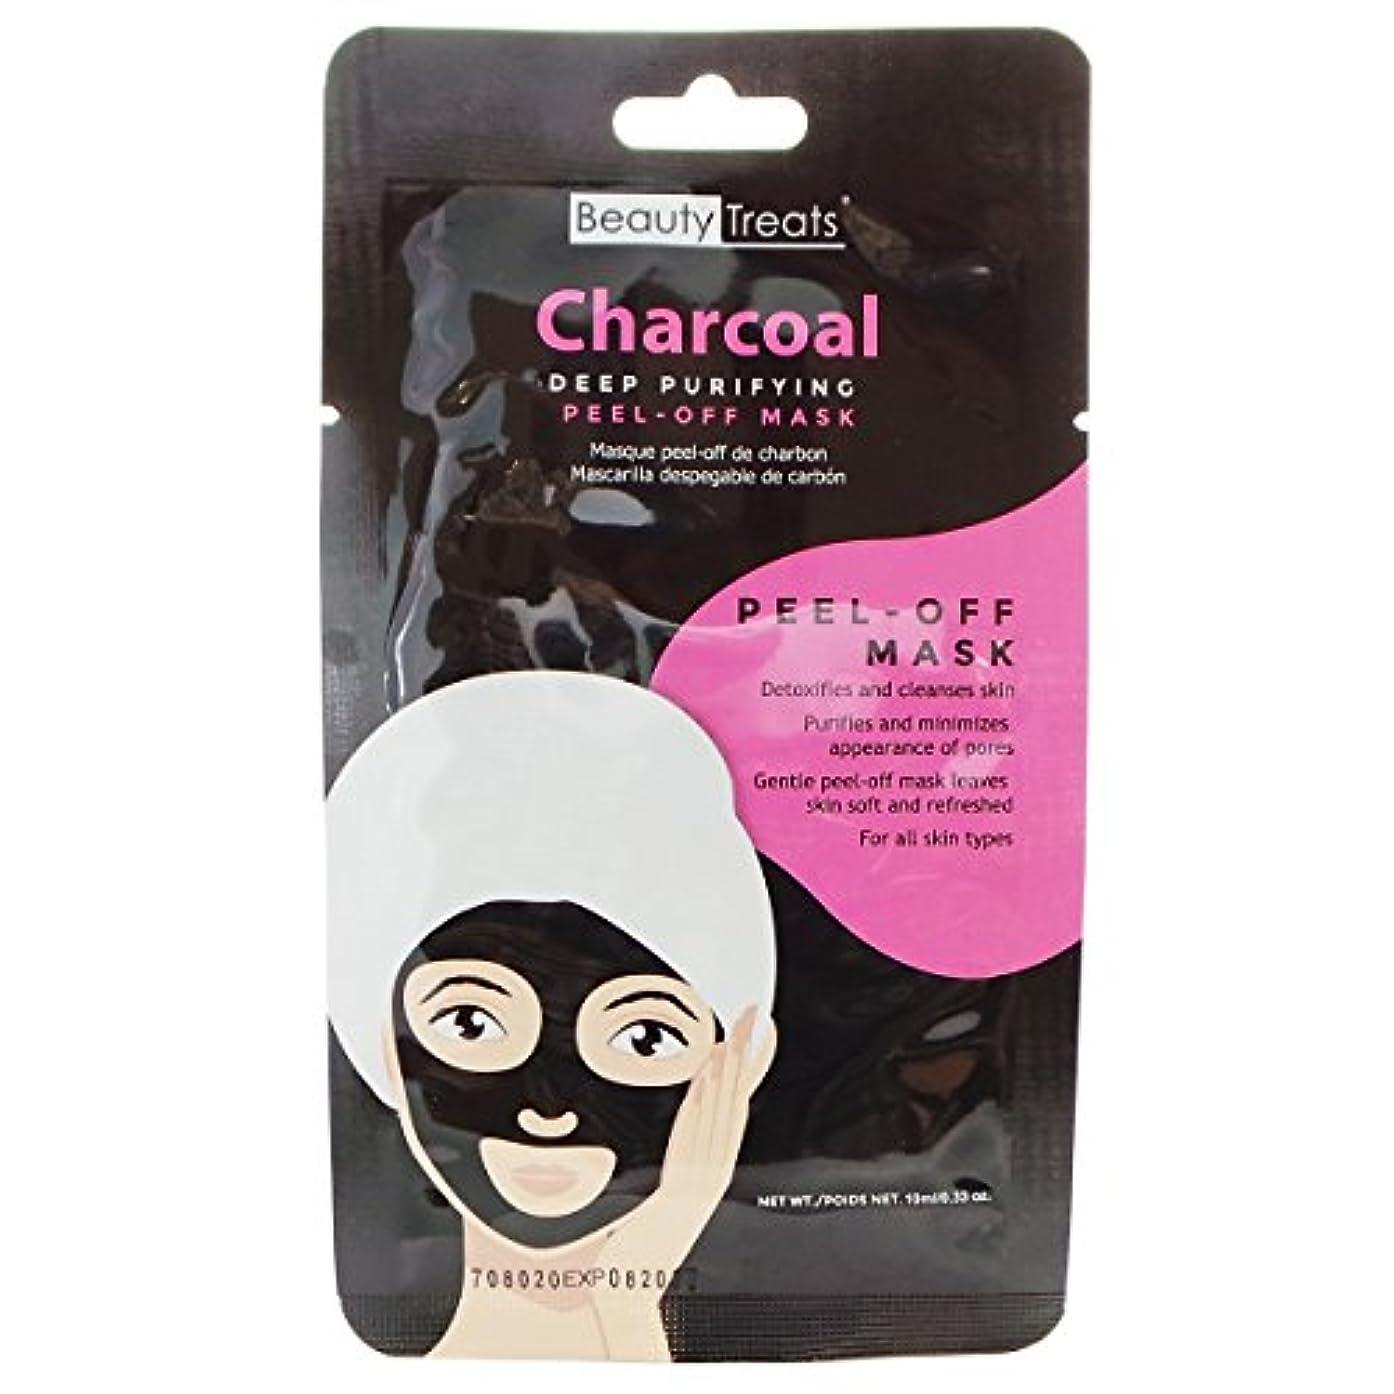 形状例外腐った(6 Pack) BEAUTY TREATS Deep Purifying Peel-Off Charcoal Mask (並行輸入品)